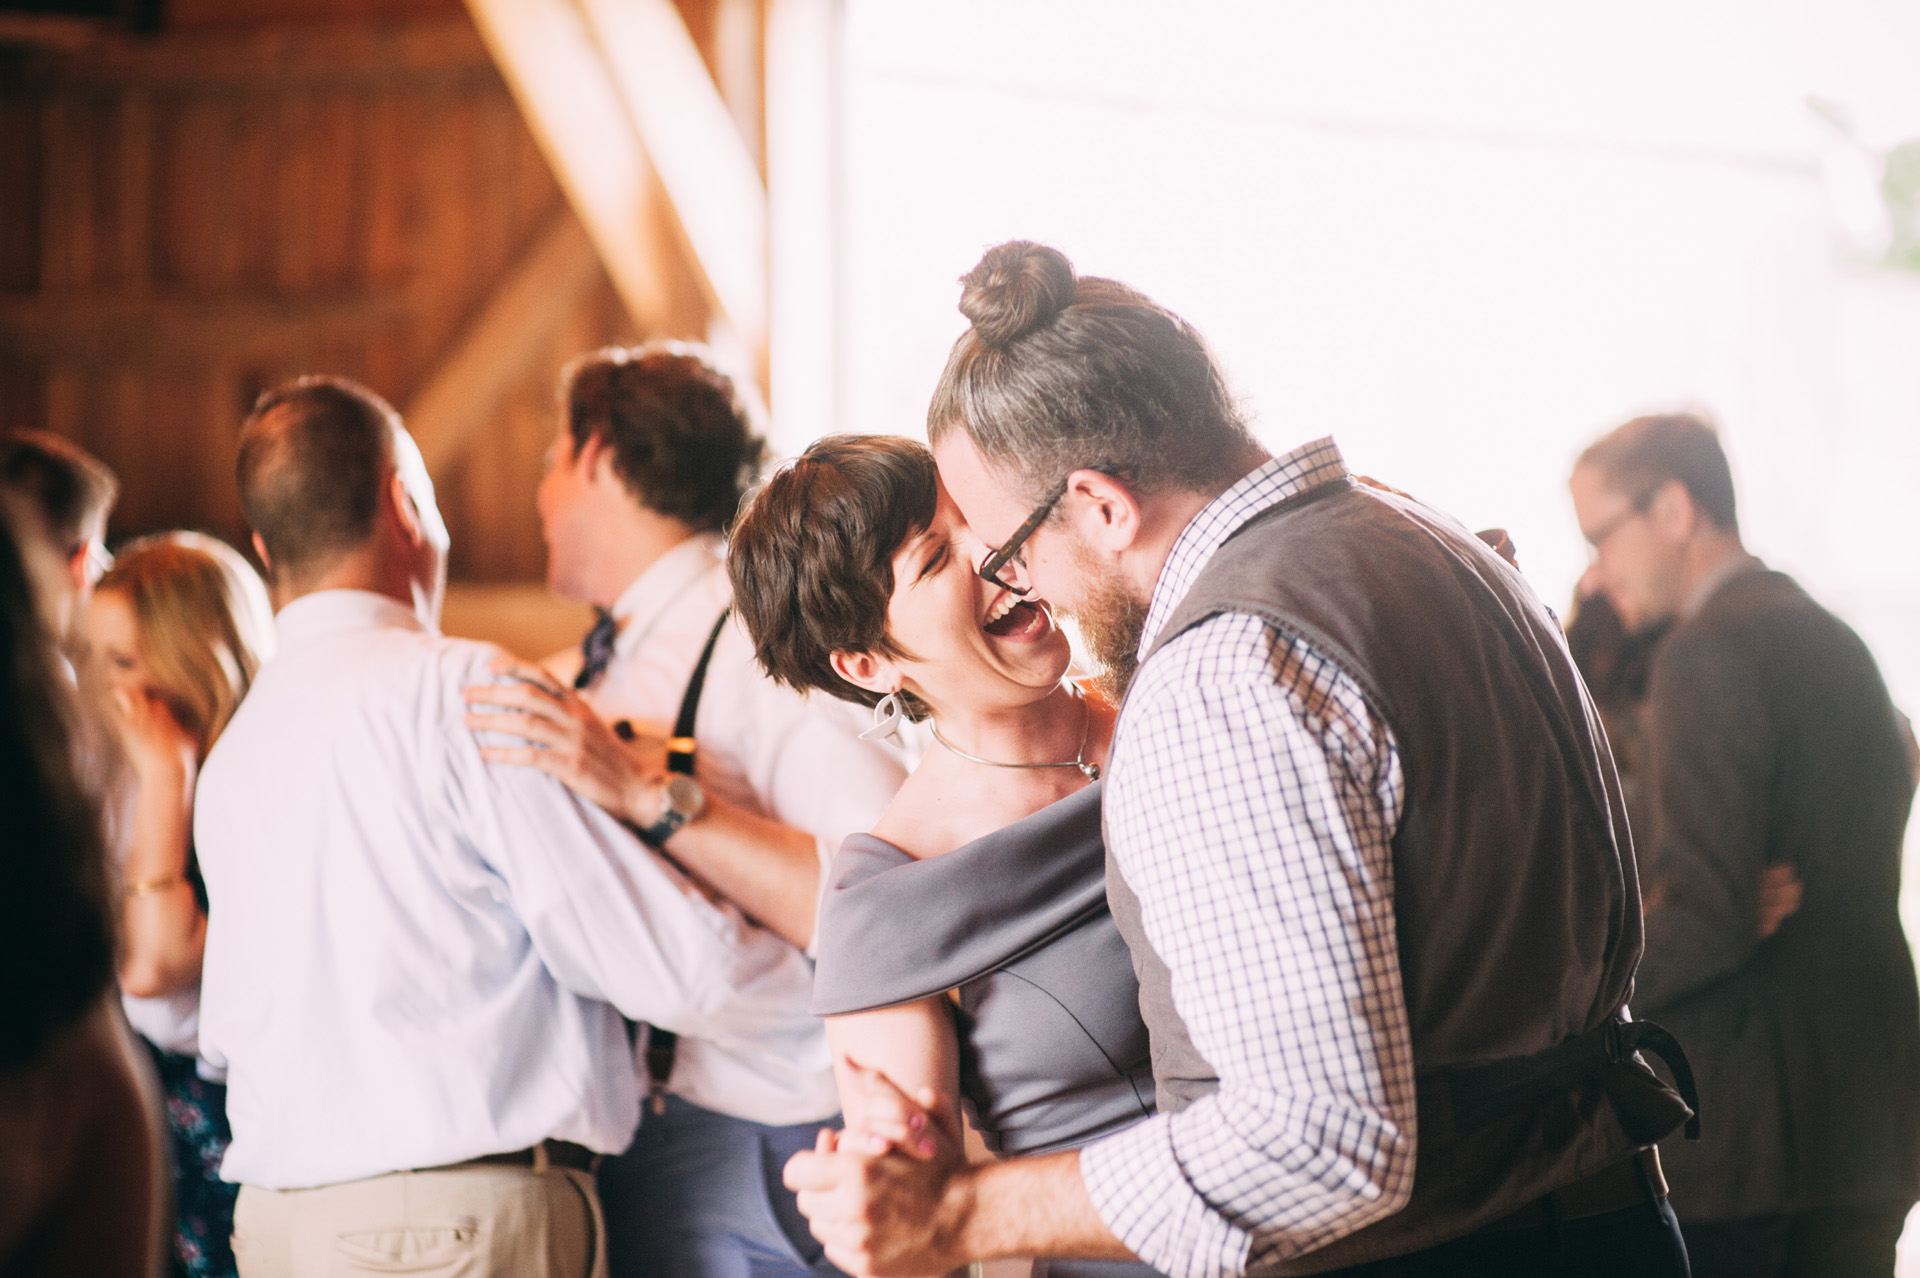 broadturn-farm-wedding-85